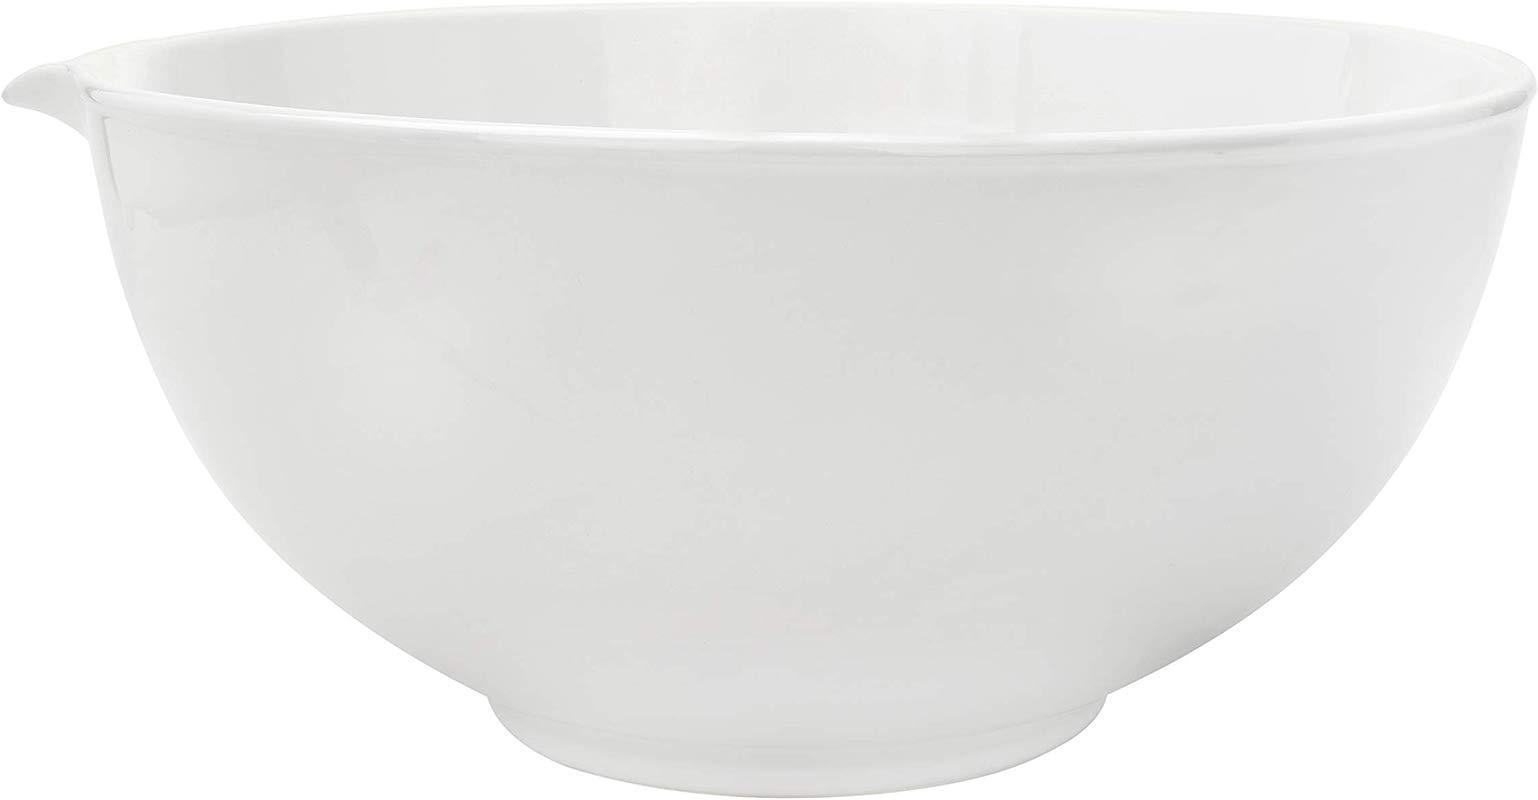 Creative Co Op Antique White Vintage Reproduction Stoneware Batter Bowl